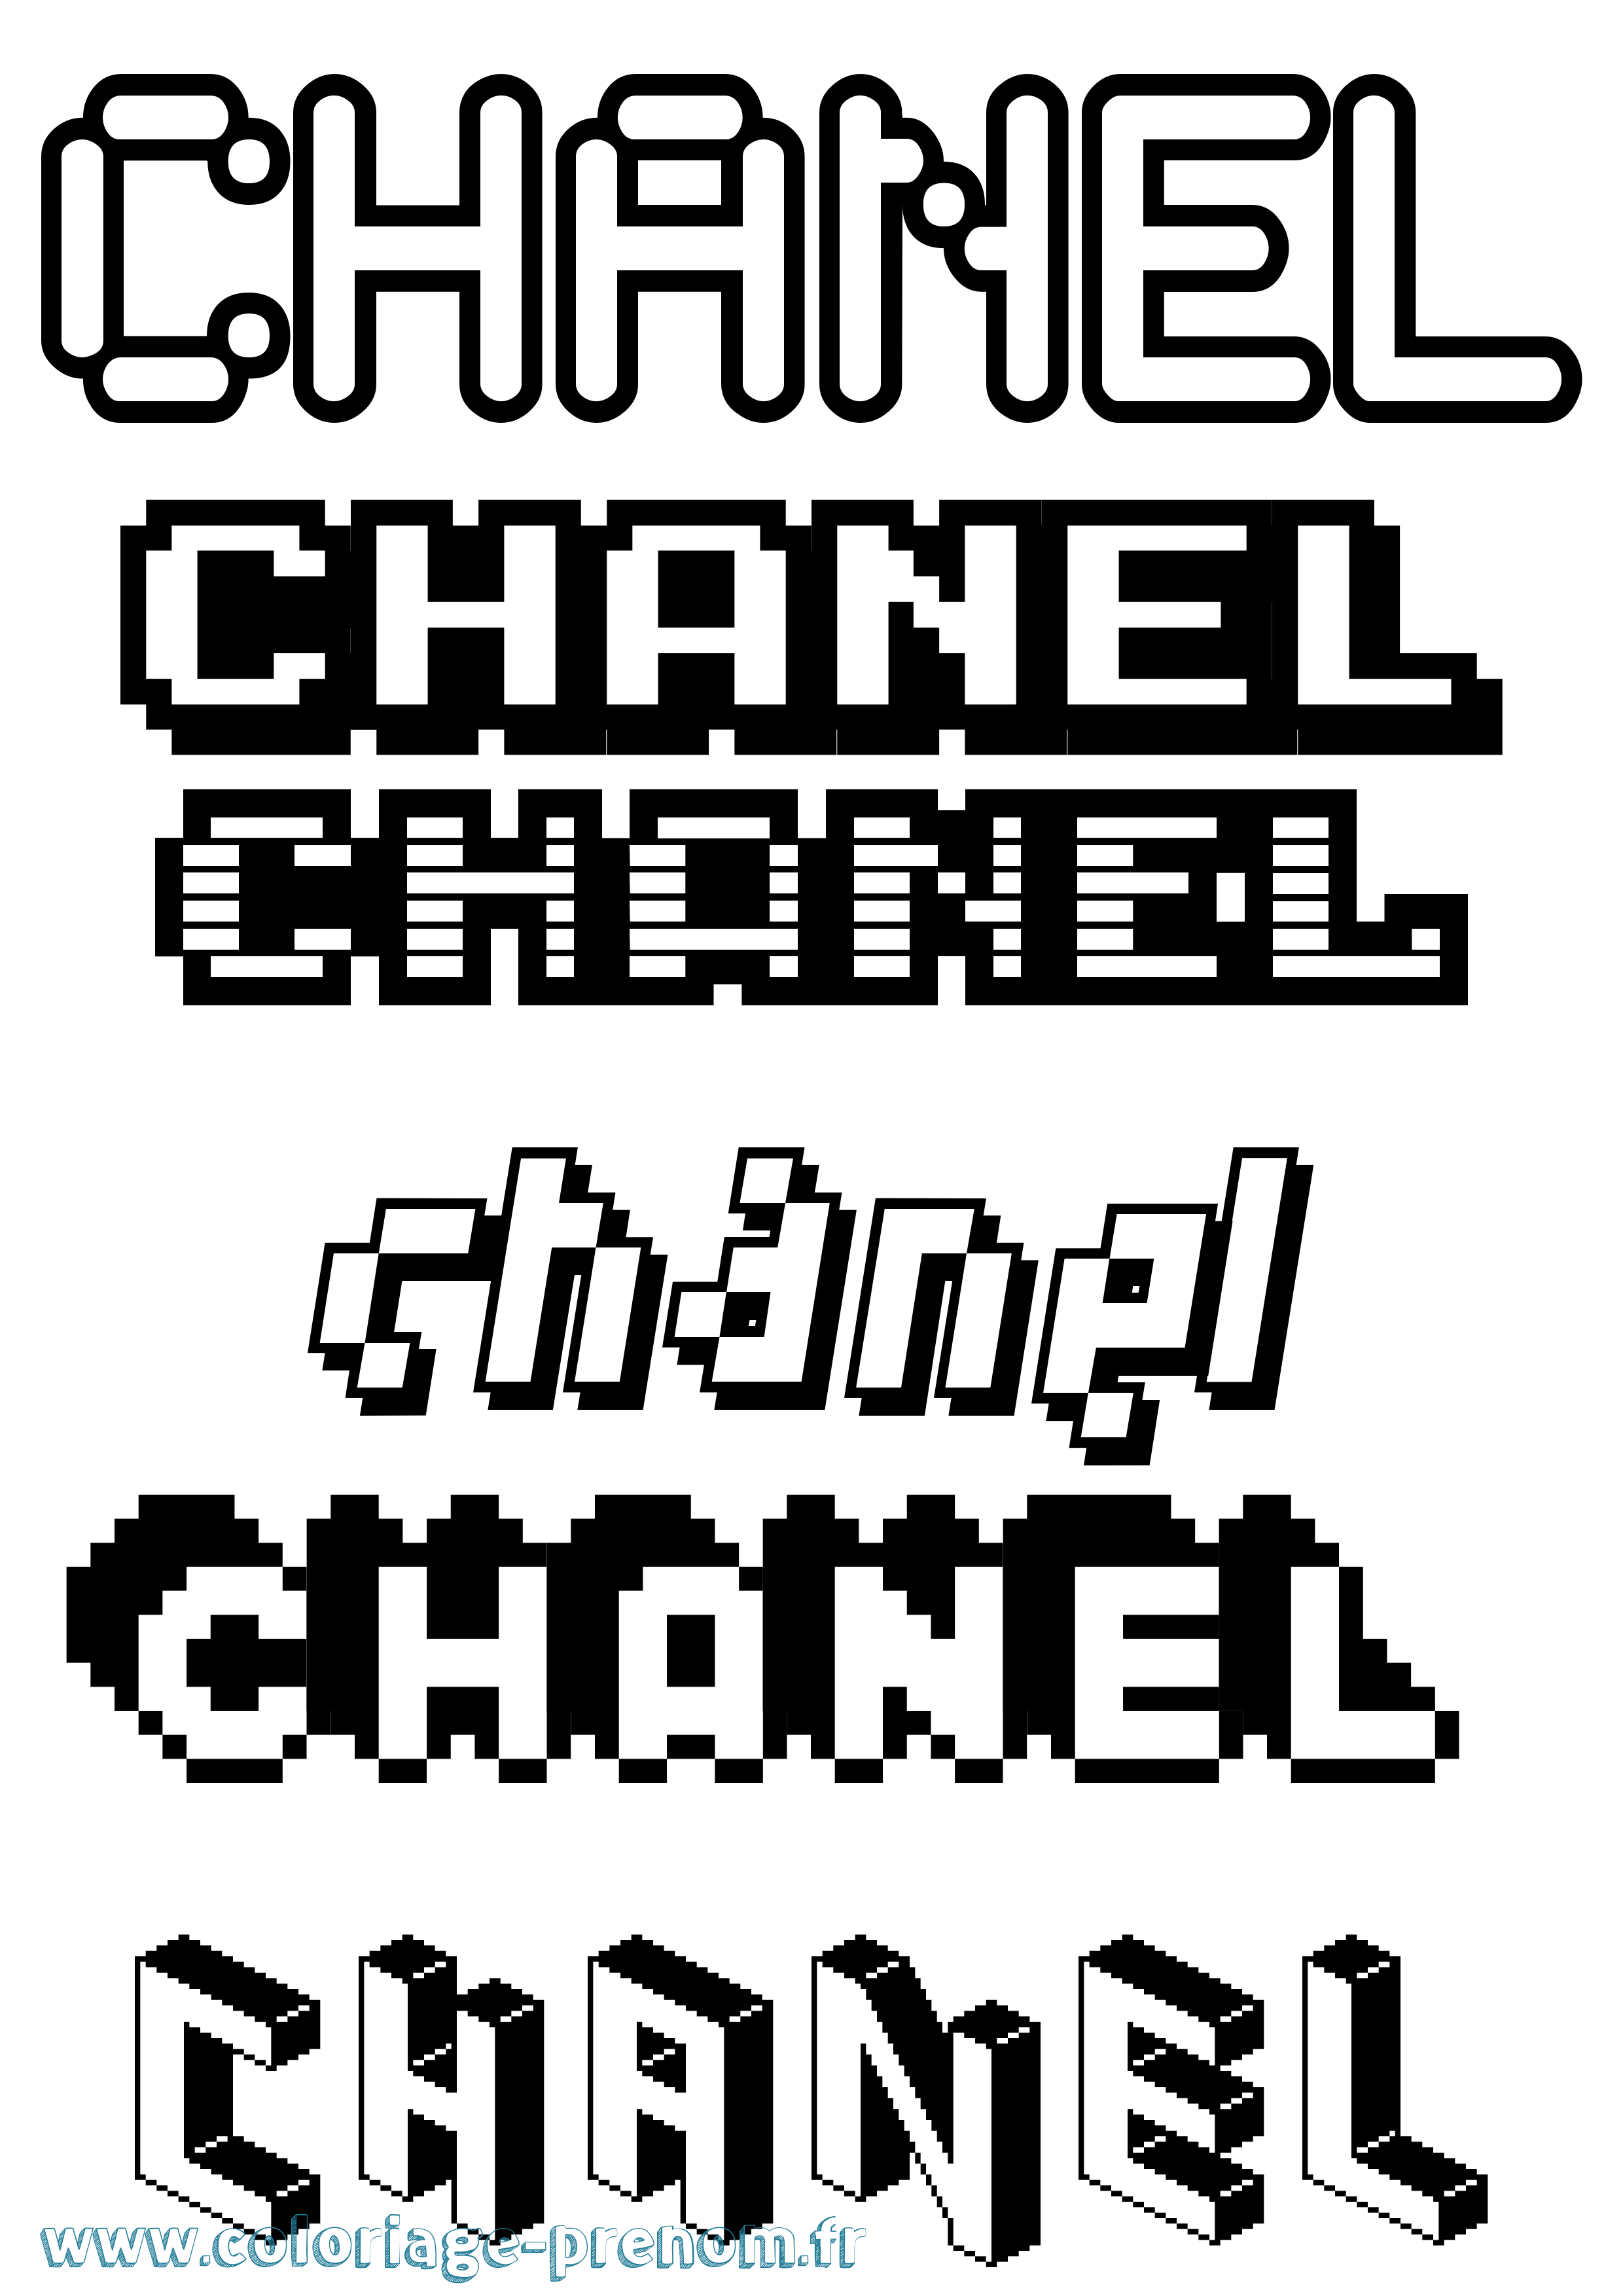 Coloriage du prénom Chanel : à Imprimer ou Télécharger ...